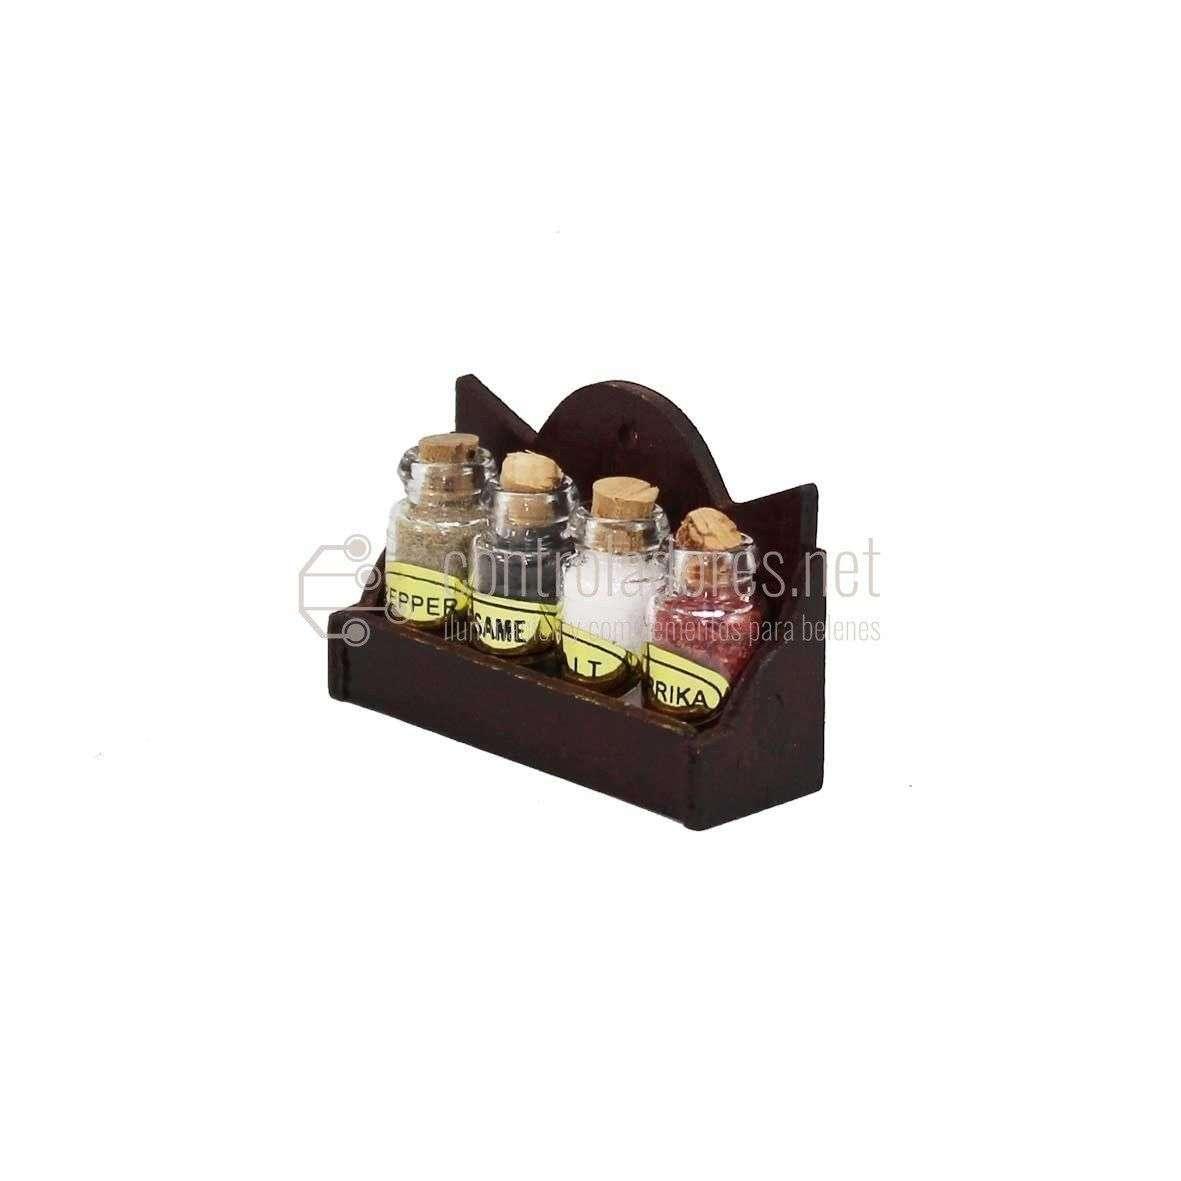 Especiero madera con 4 botes de cristal